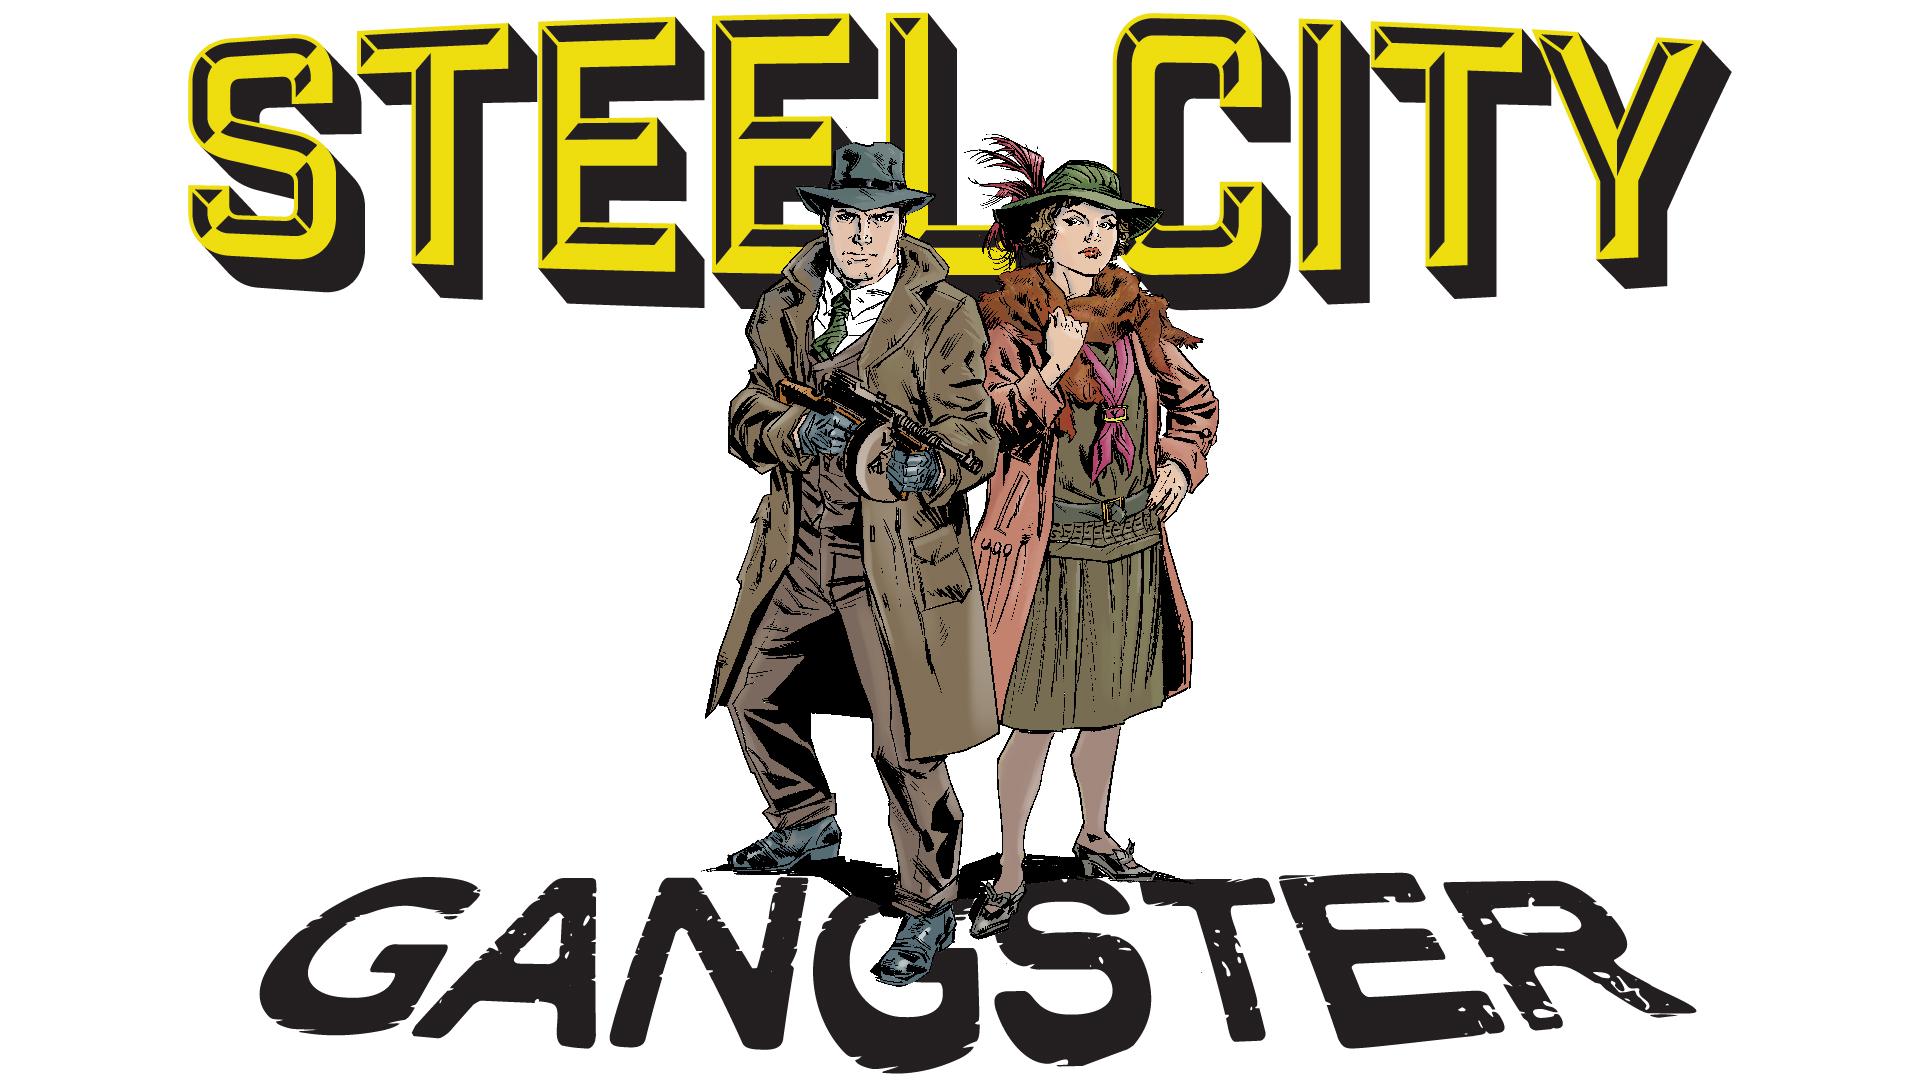 Steel City Gangster, Theatre Aquarius, 2019